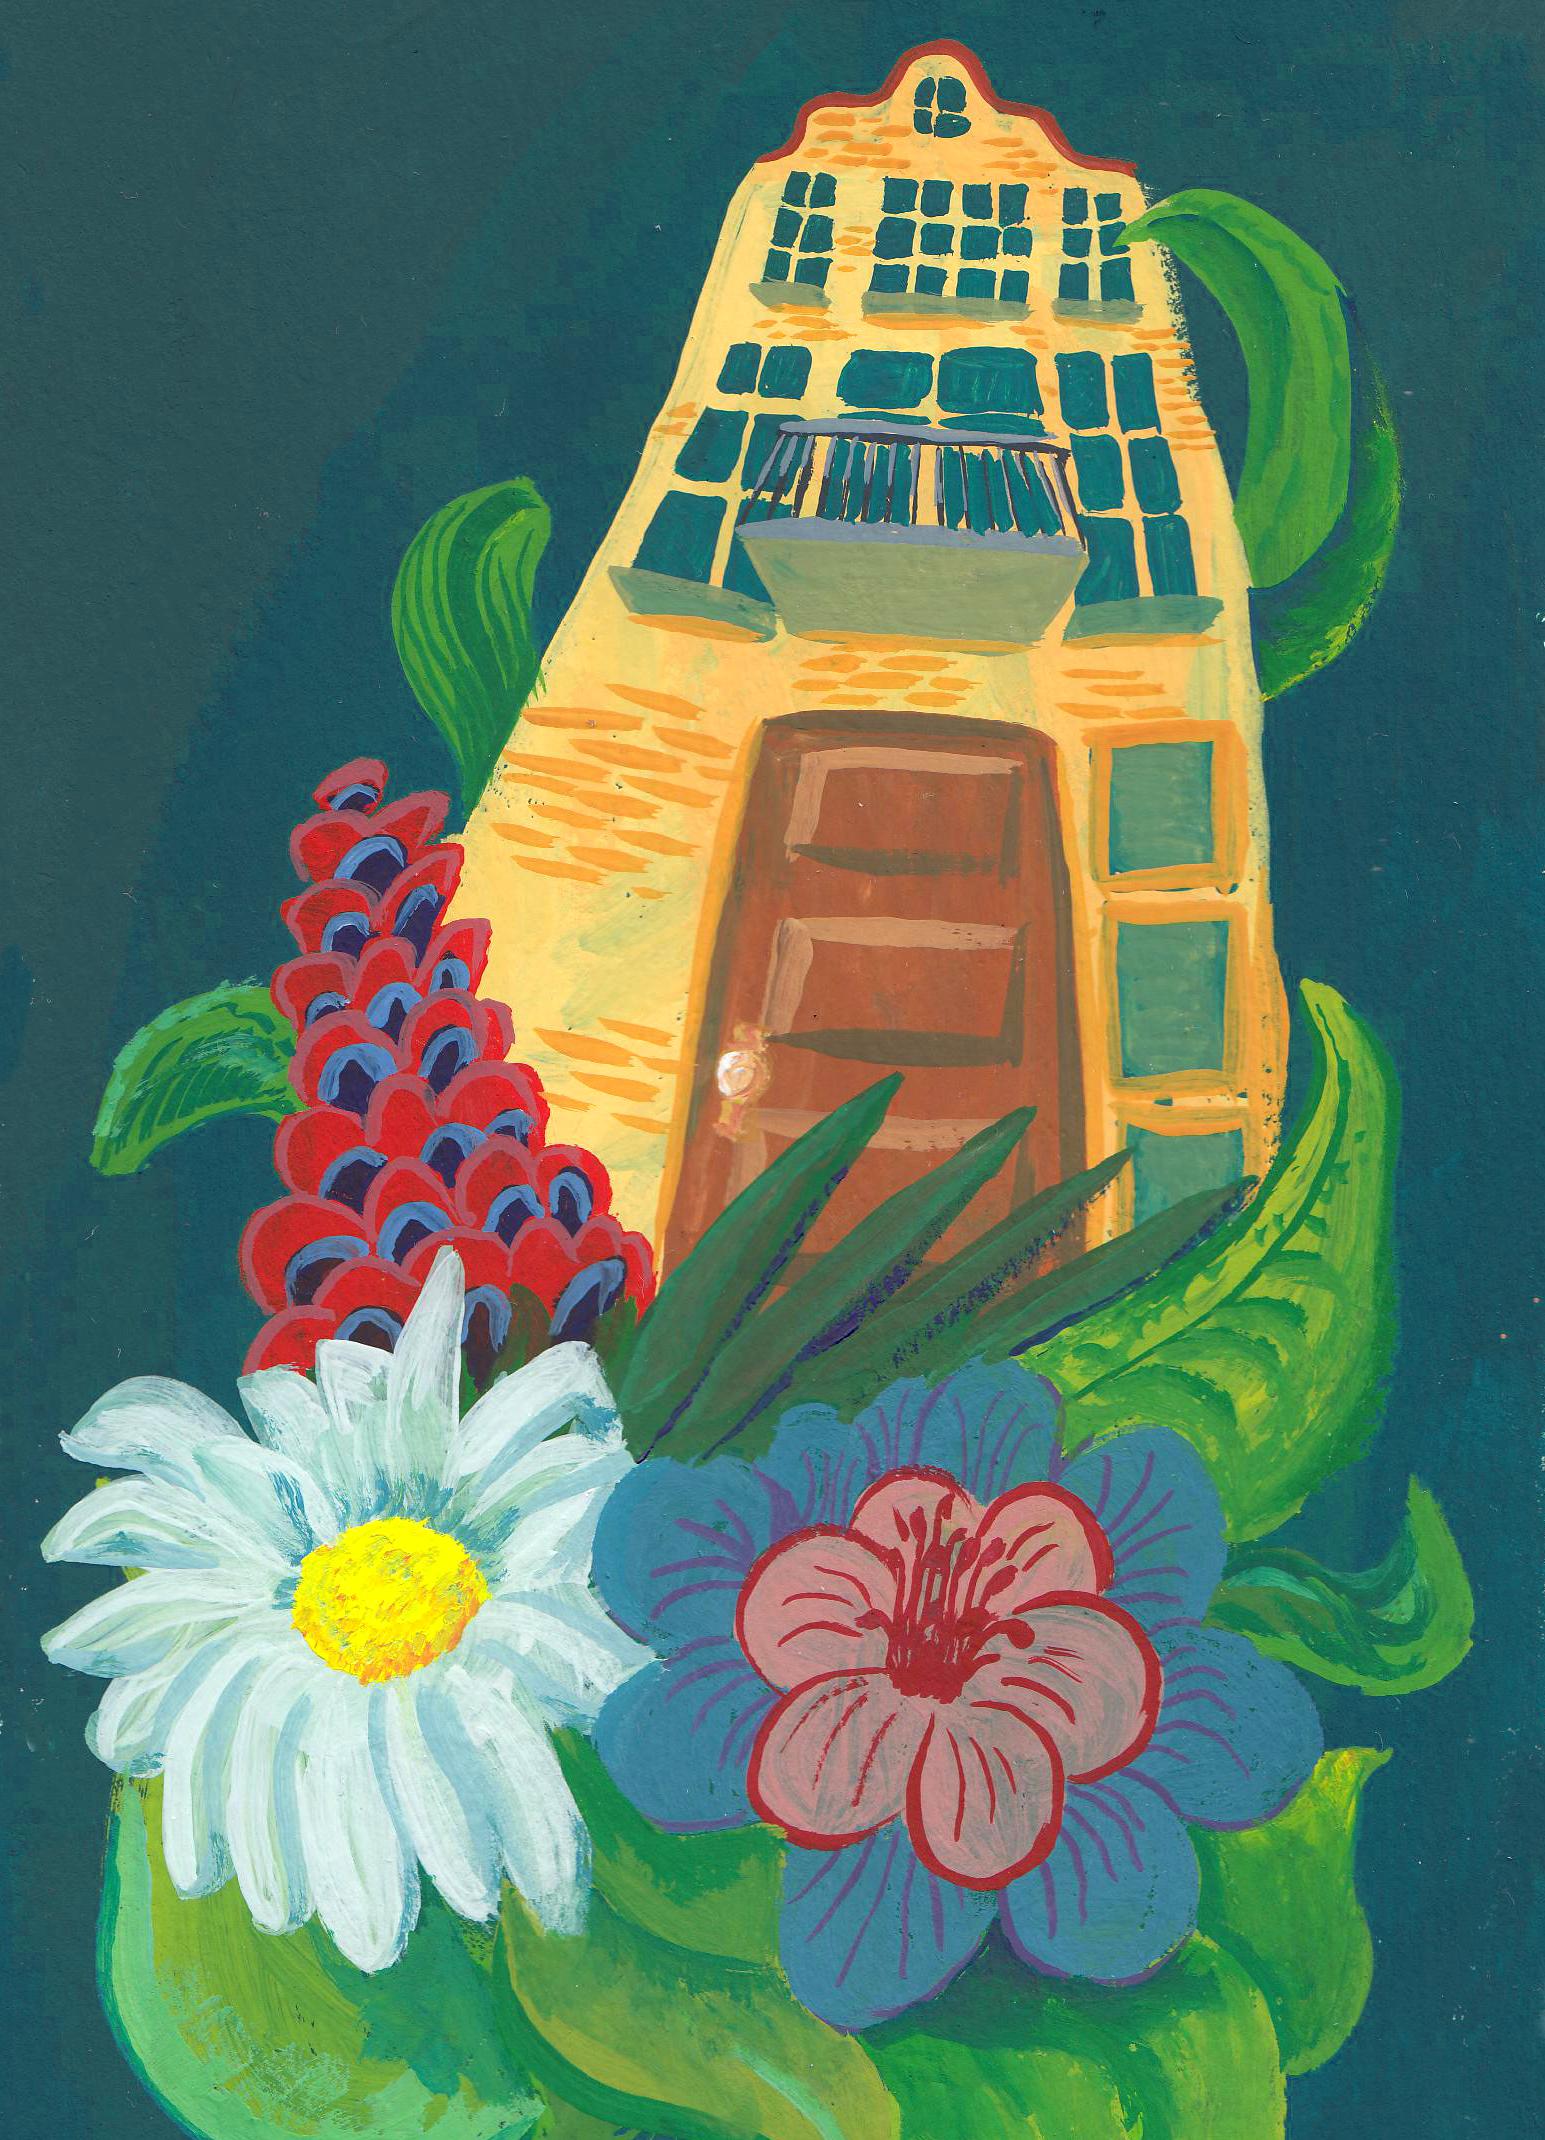 Column: Klaar met bloeien